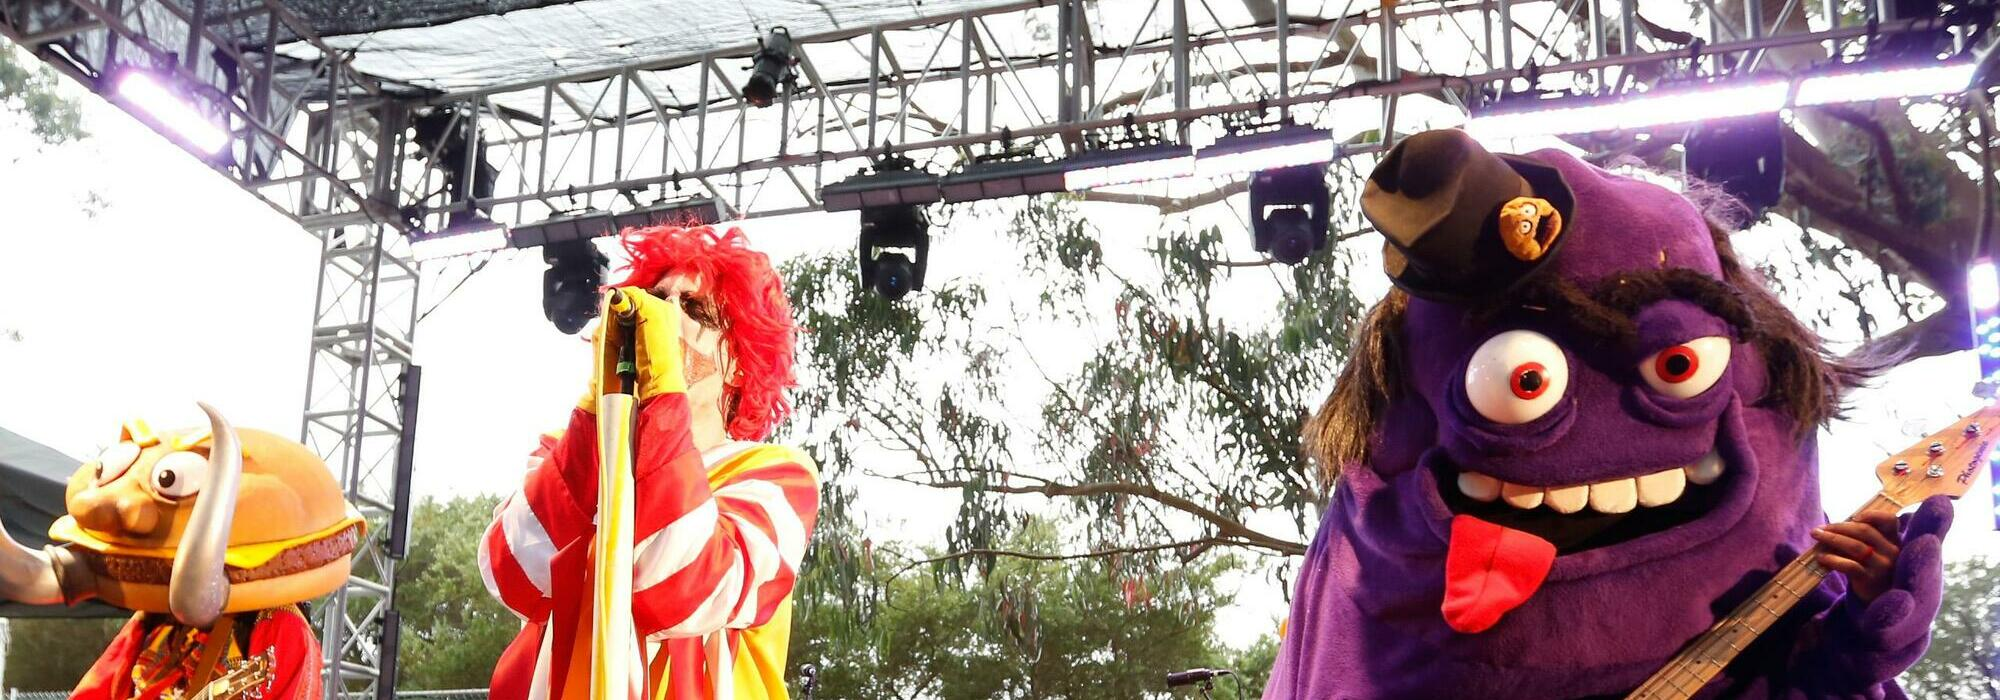 A Mac Sabbath live event